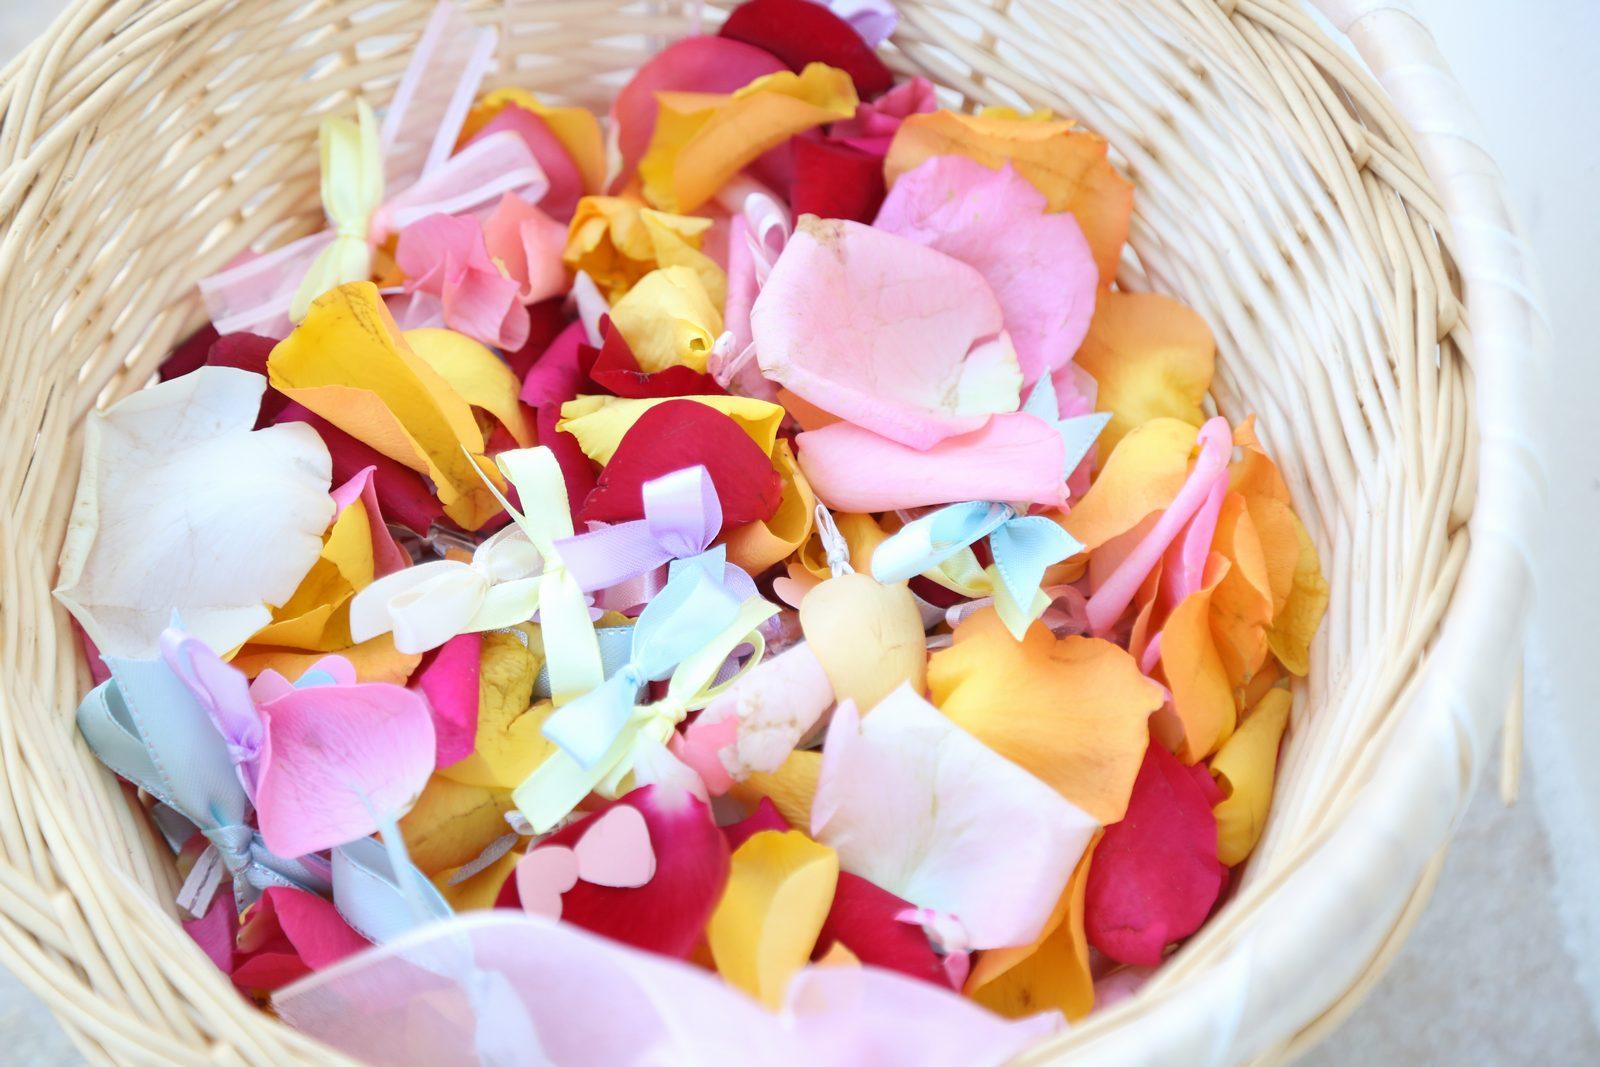 徳島市の結婚式場ブランアンジュで新郎新婦を祝福する生花フラワーシャワー